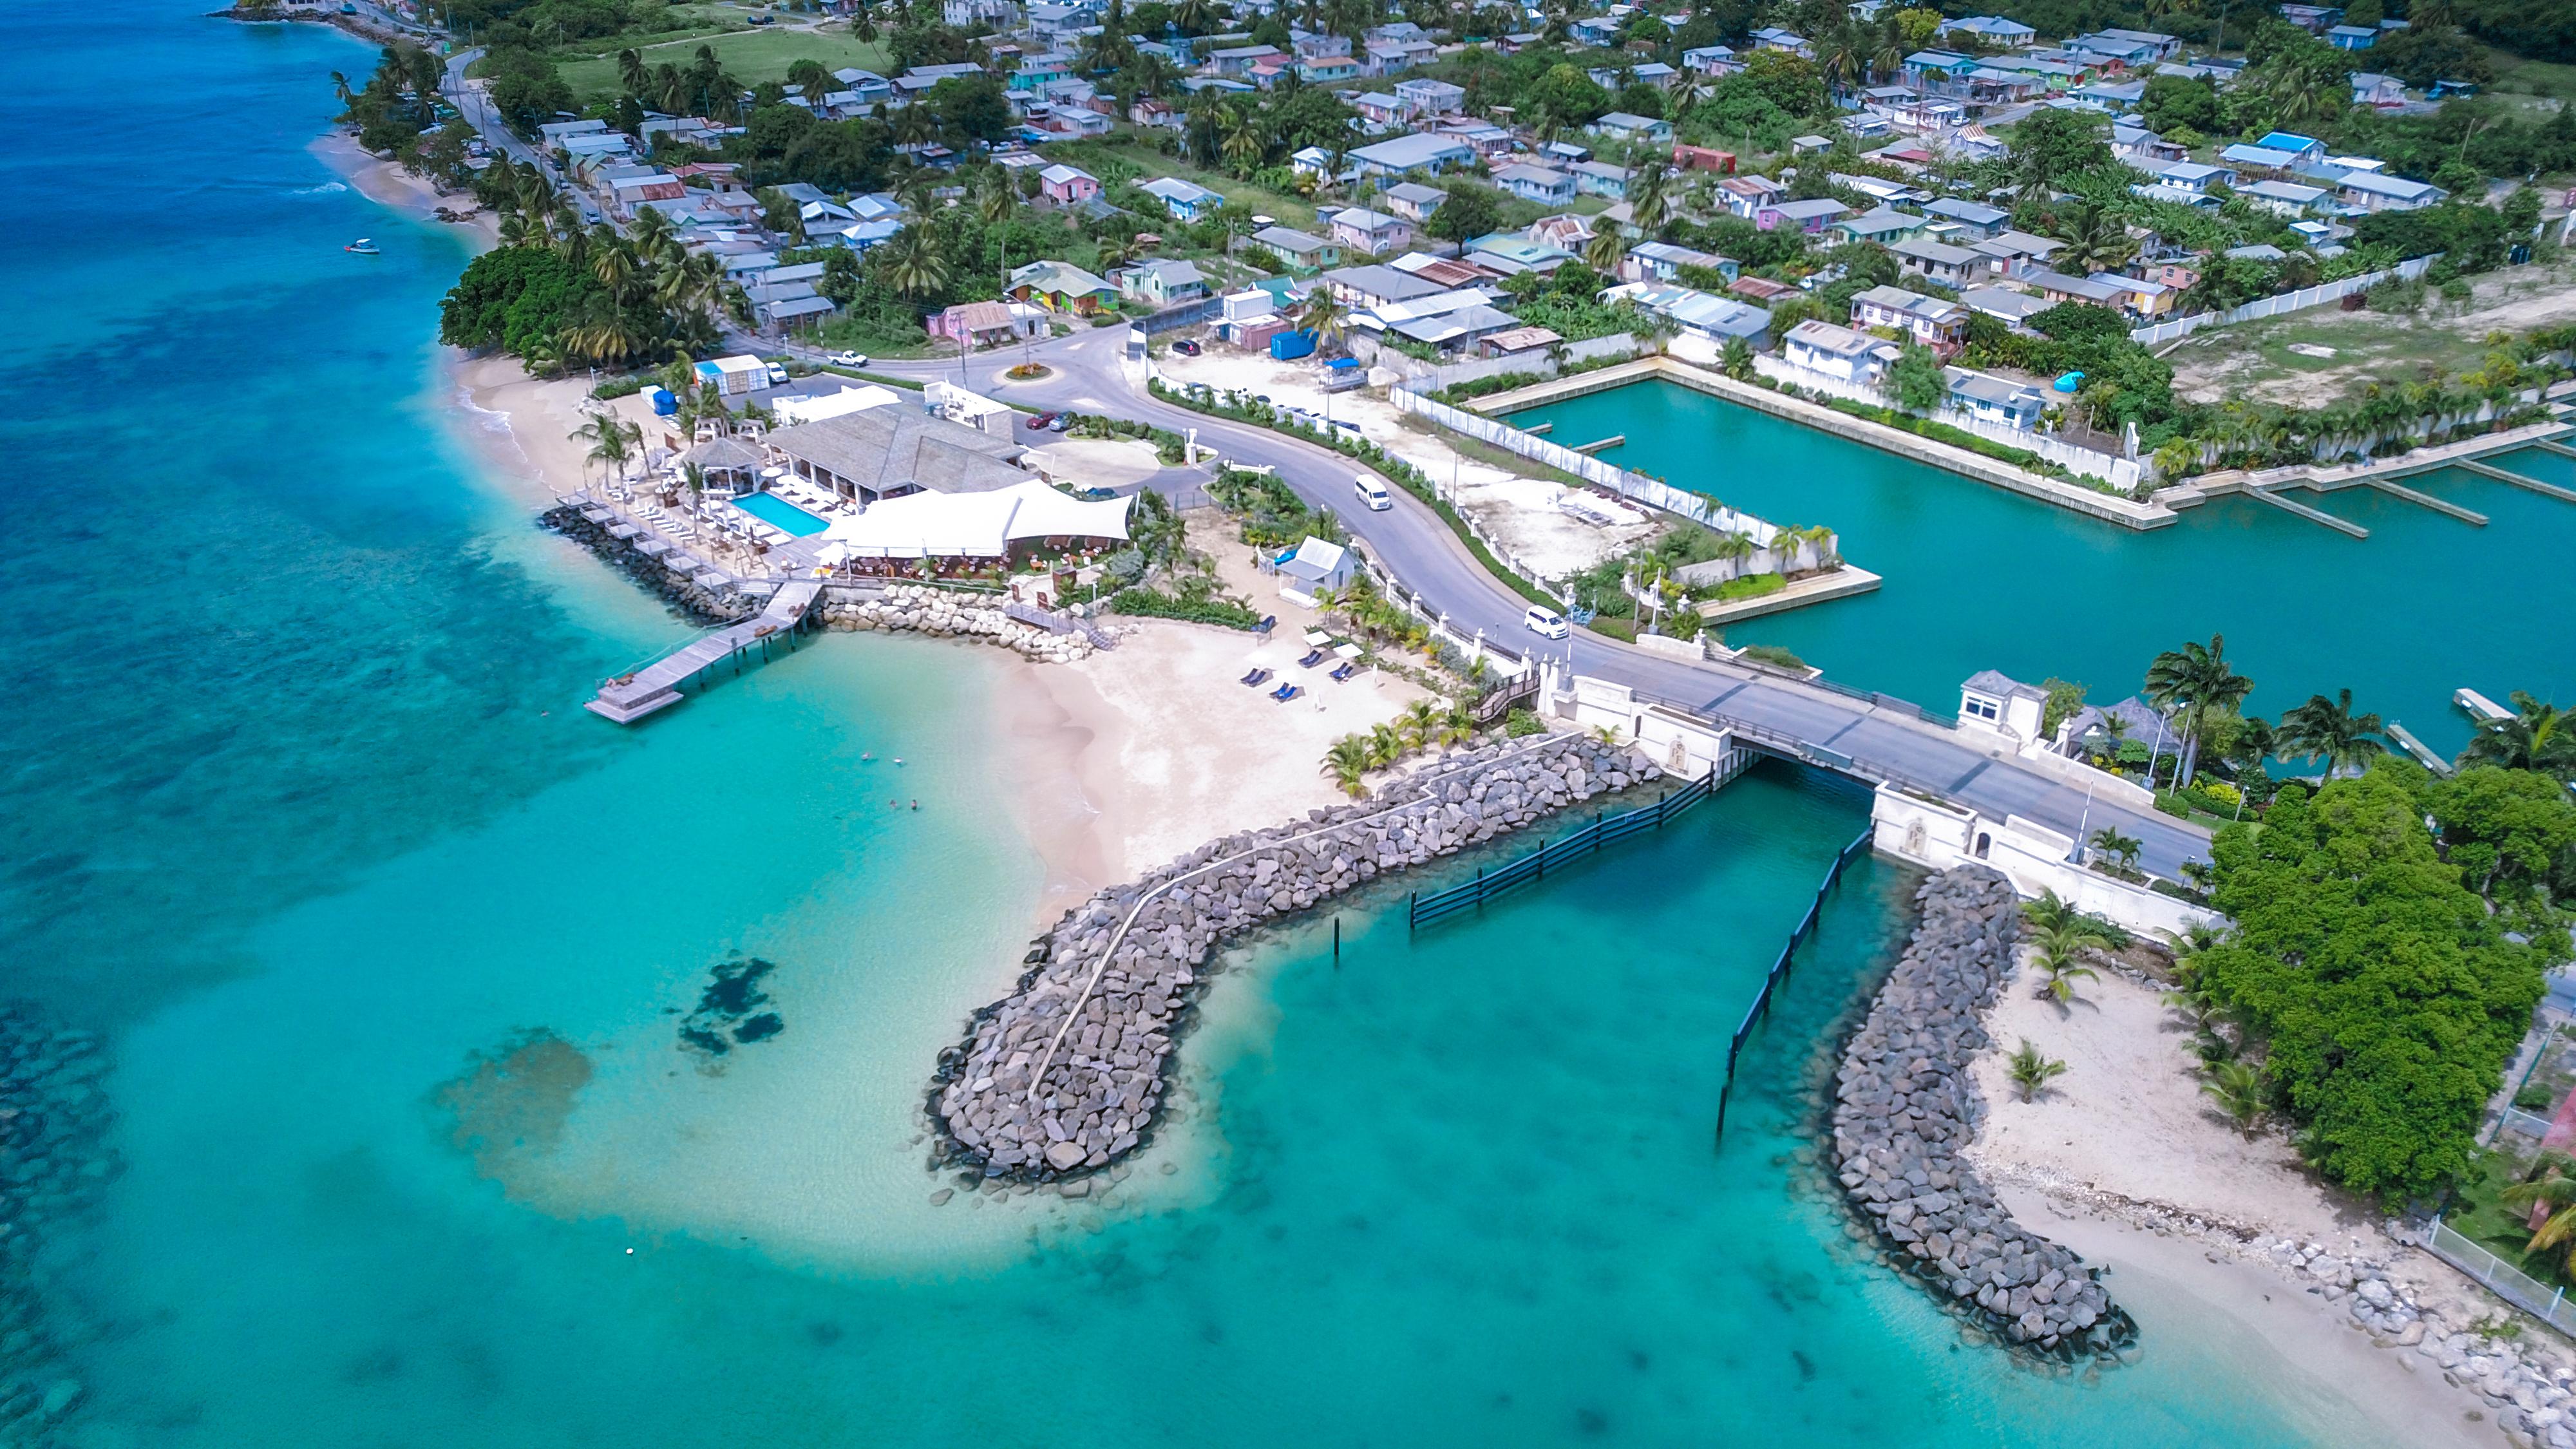 Побережье Барбадоса, работа в котором доступна для иностранцев